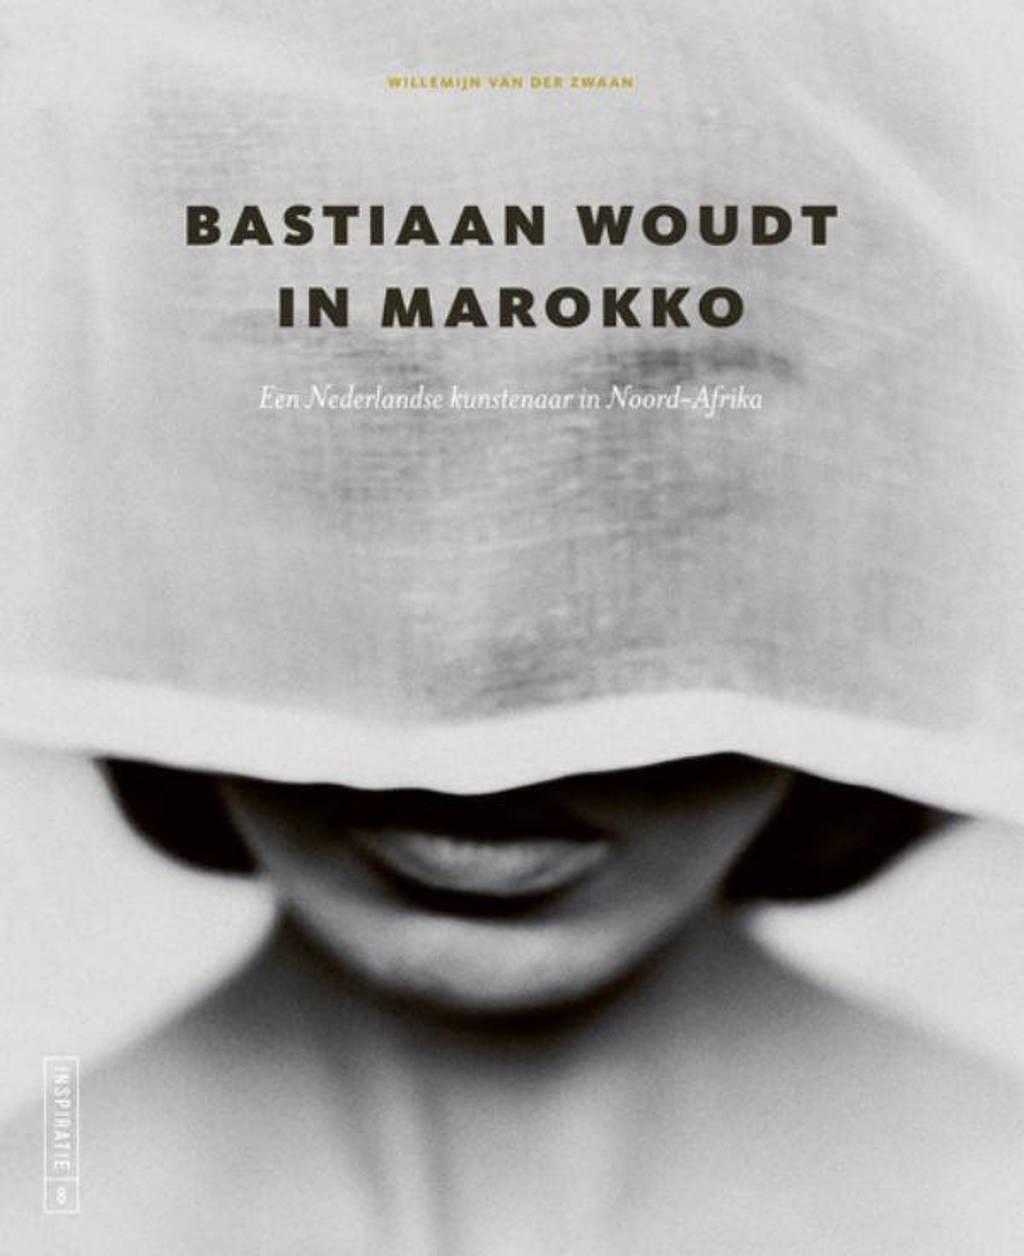 Inspiratie: Bastiaan Woudt in Marokko - Willemijn van der Zwaan